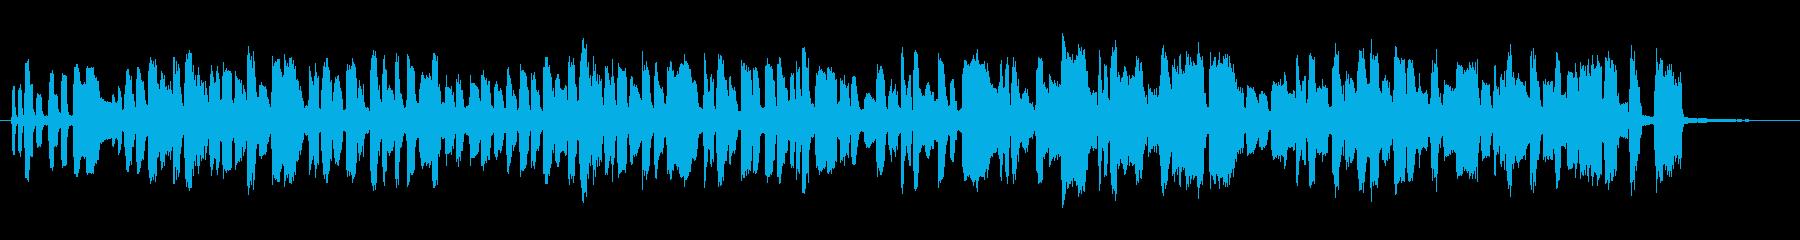 3分クッキング パロディアレンジの再生済みの波形